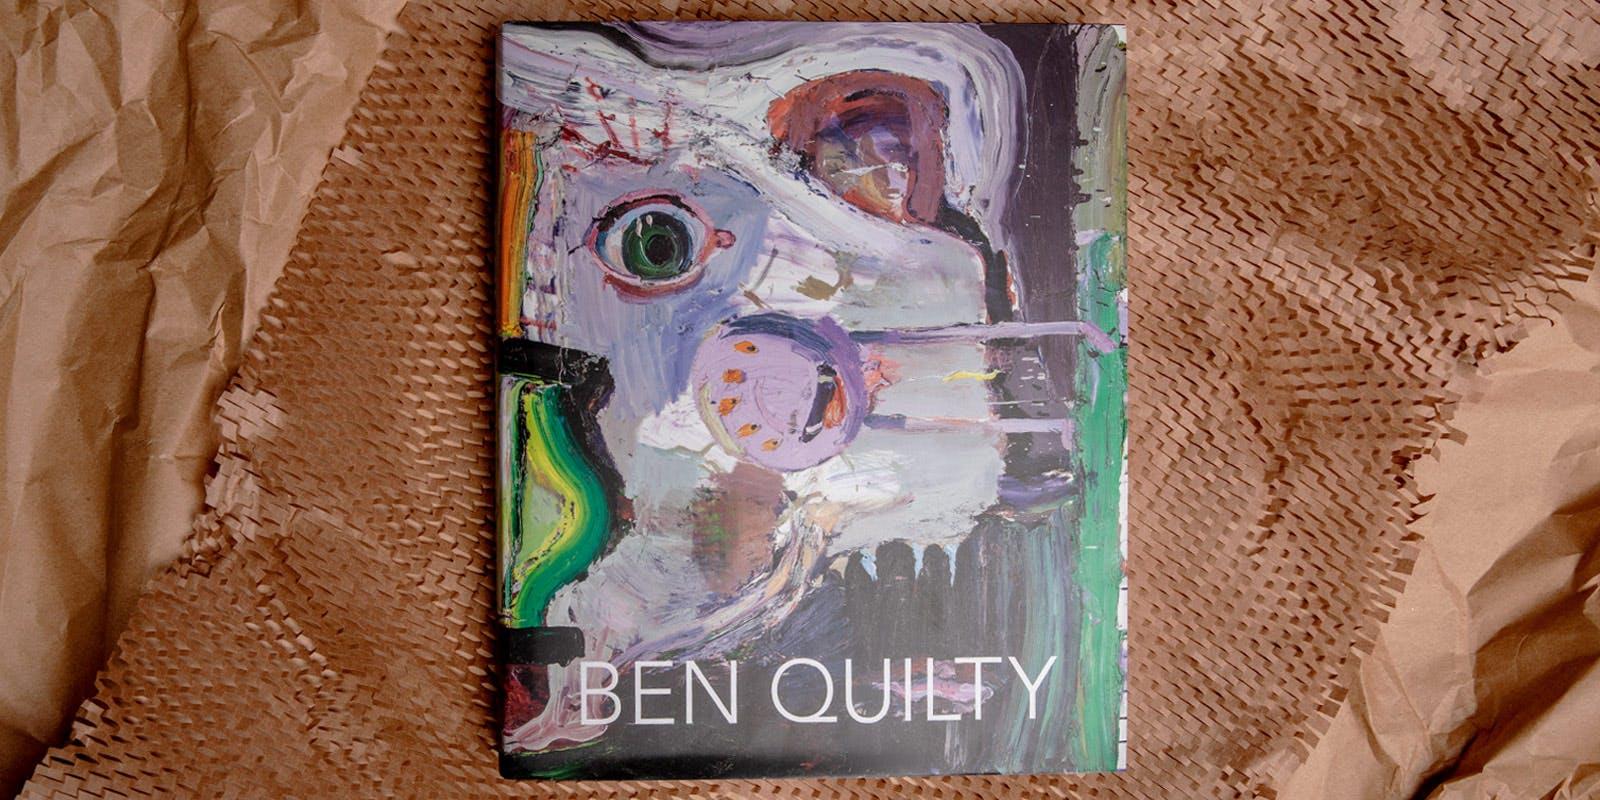 Art focus: Ben Quilty